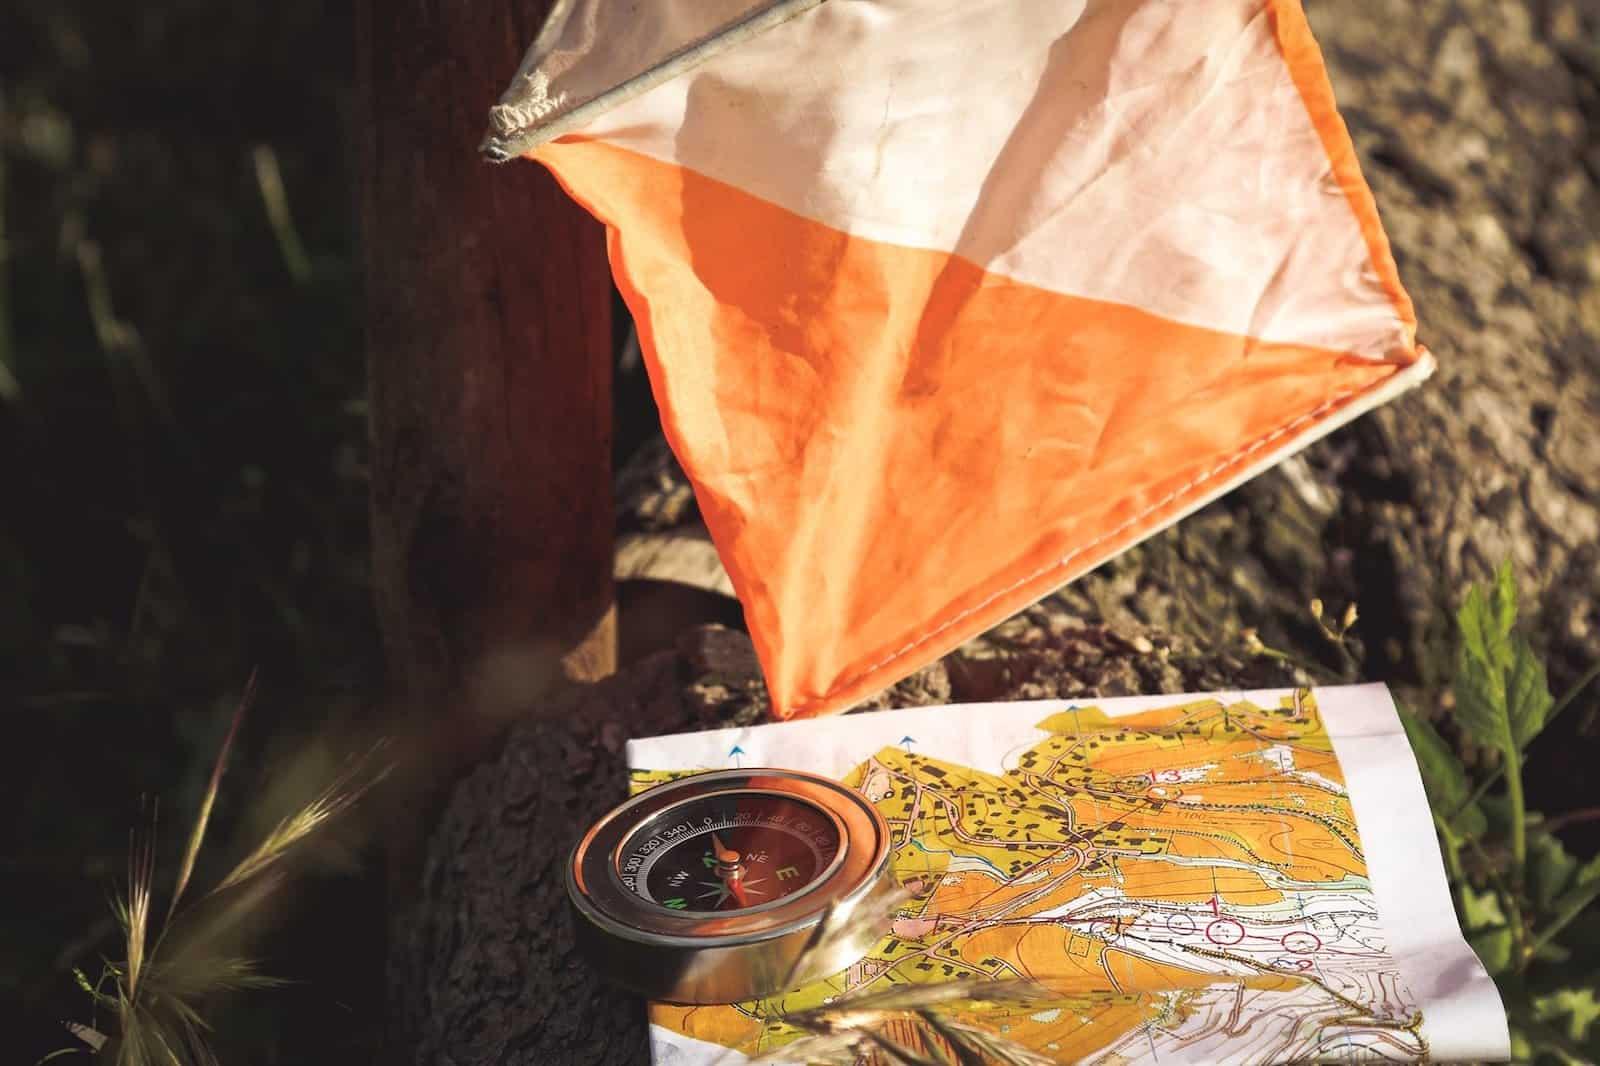 «Dschungel voller Möglichkeiten» - Orientierungsstudium soll helfen